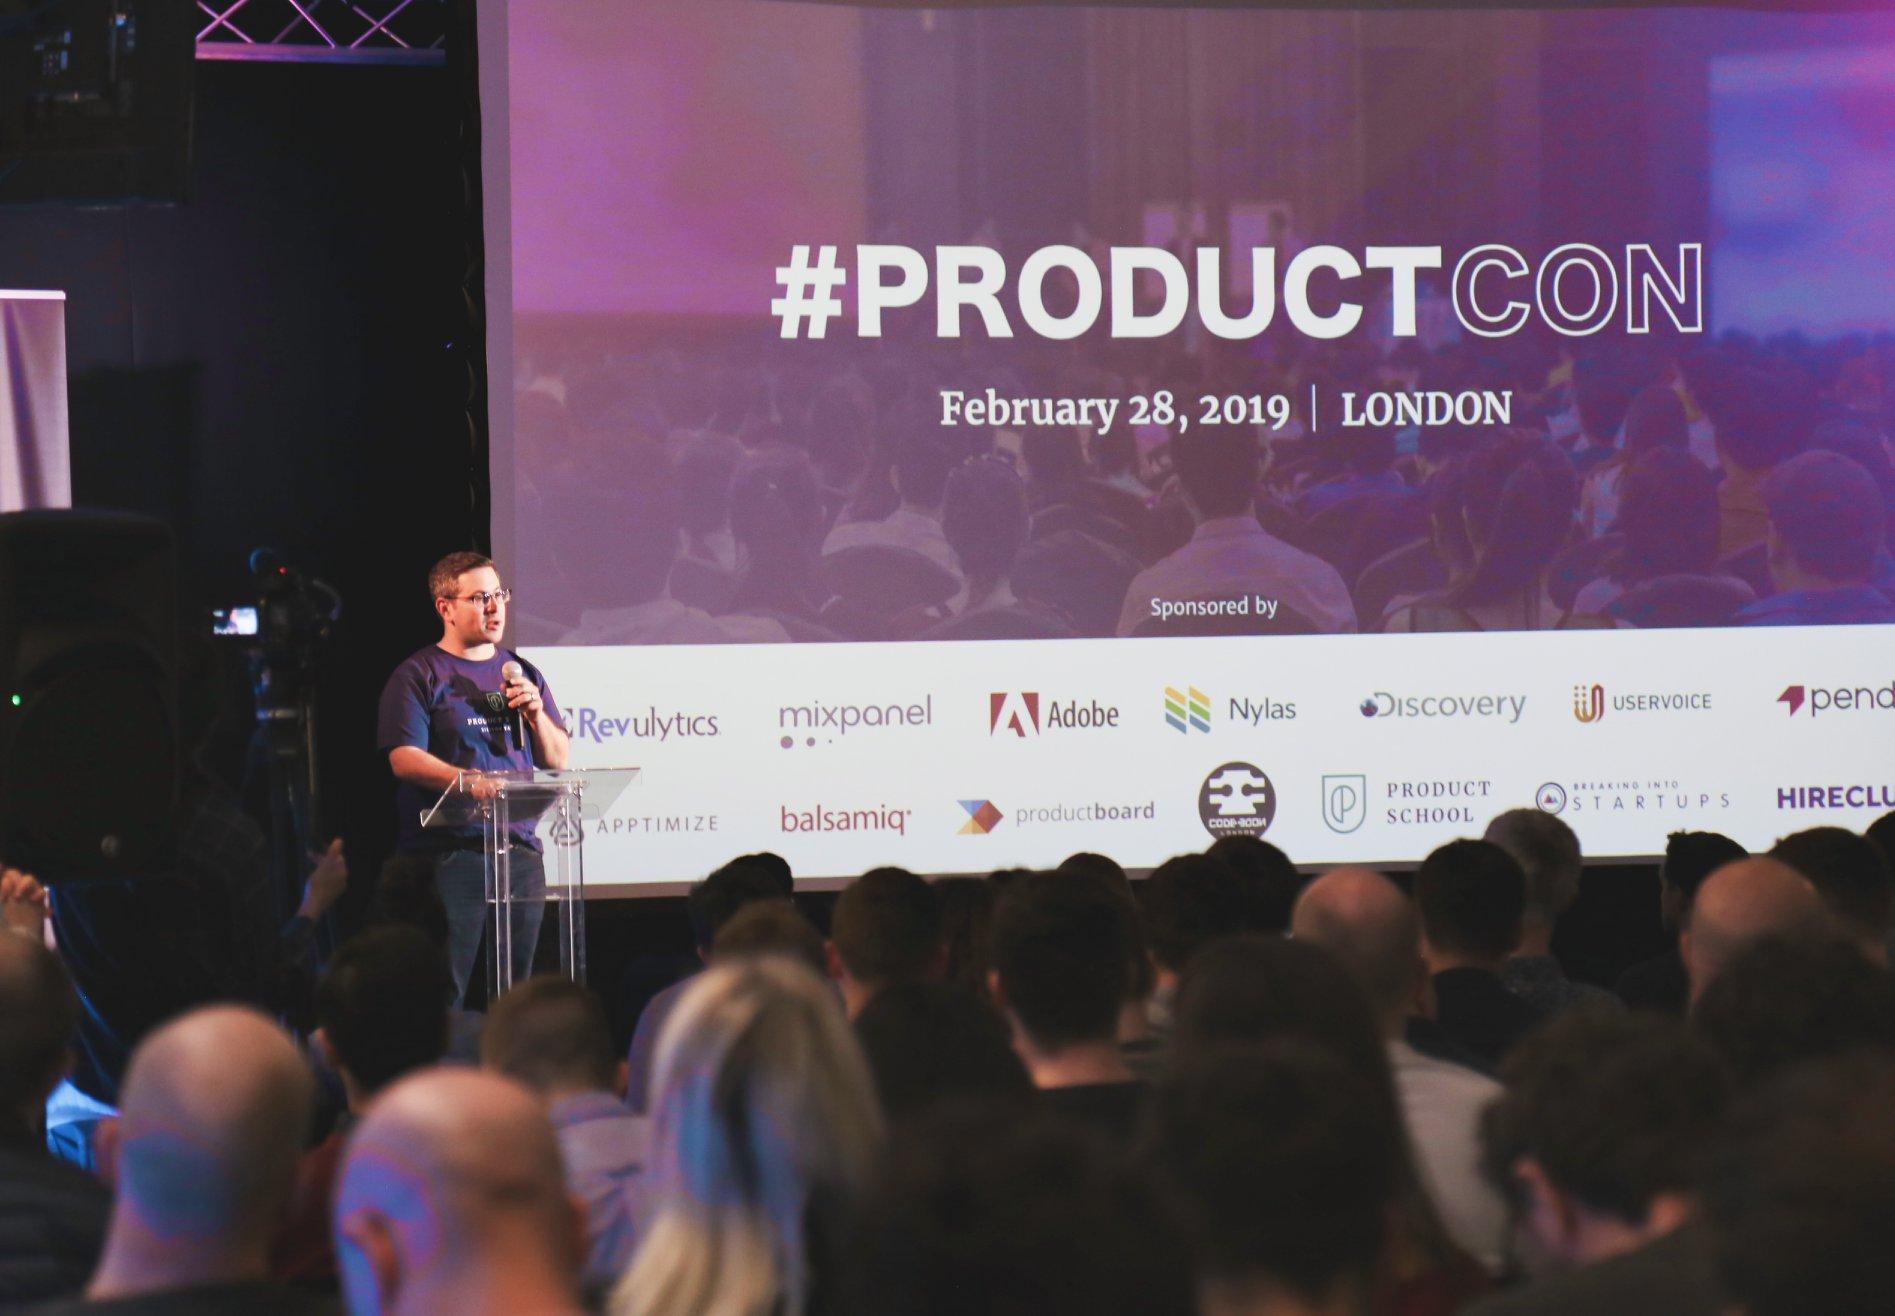 ProductCon conference venue